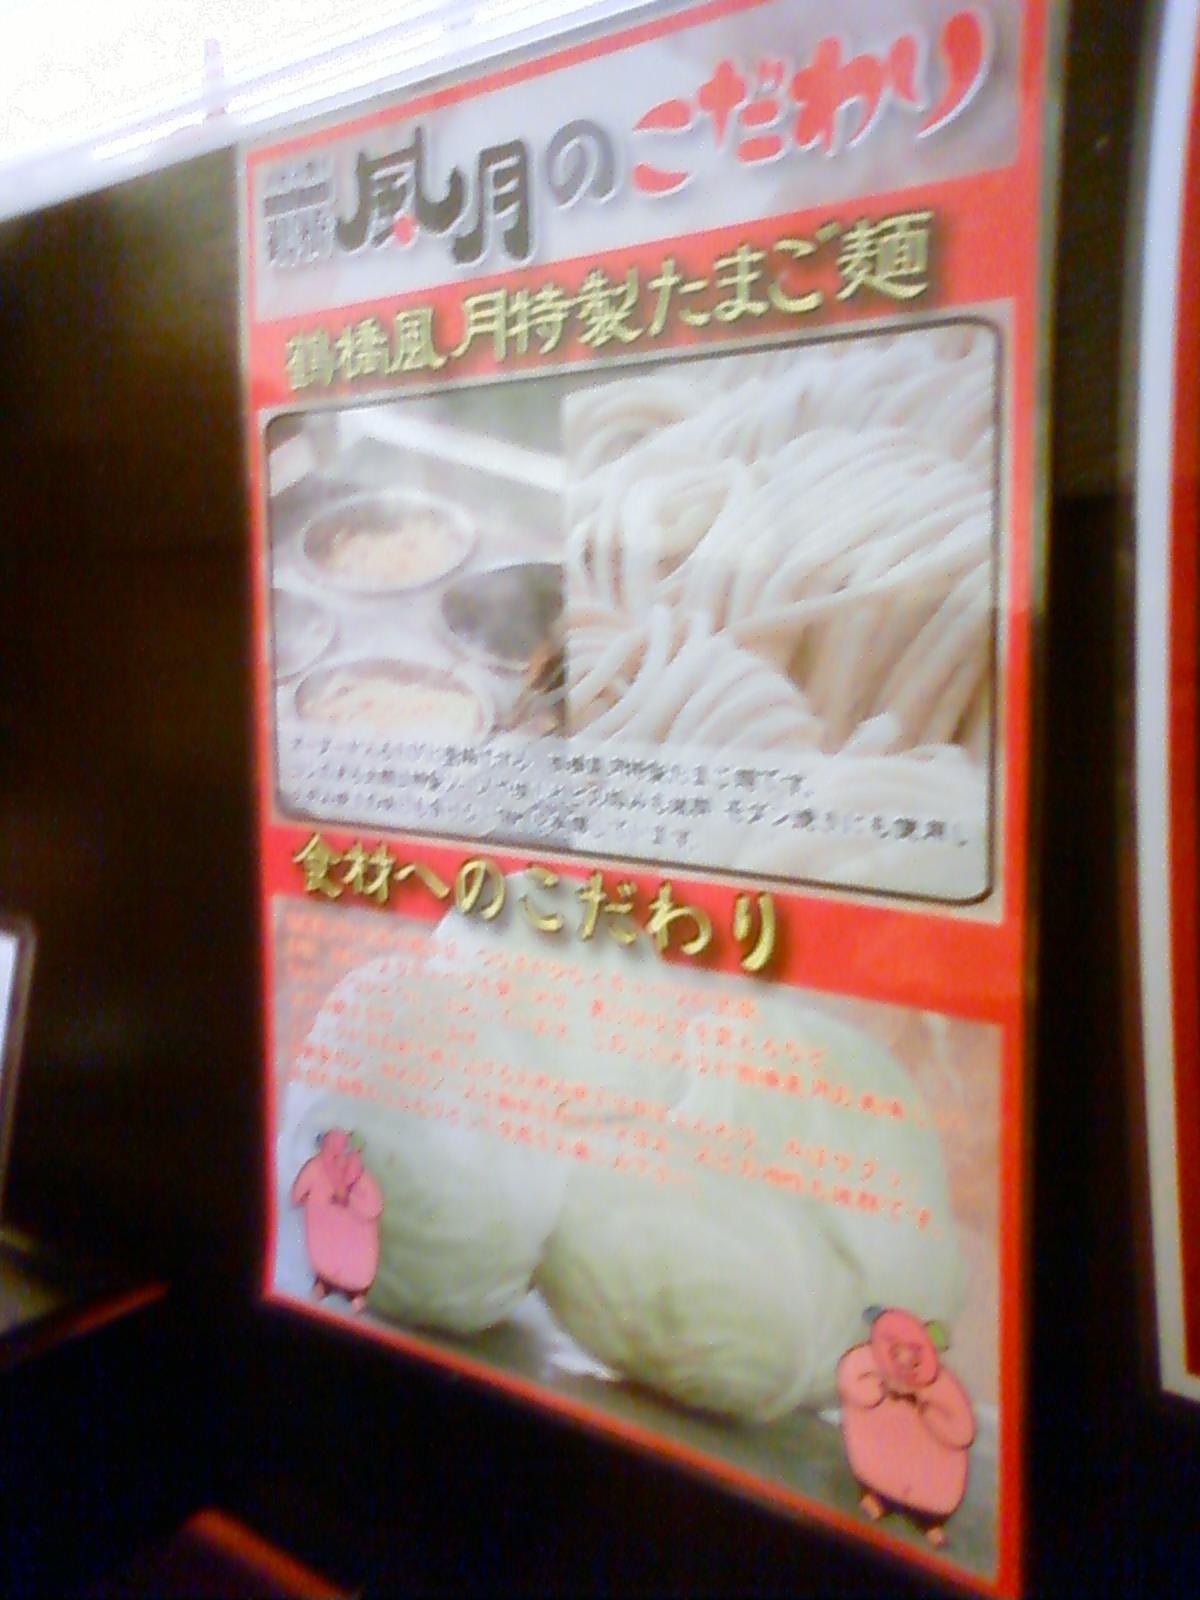 お好み焼き 鶴橋風月 京都ヨドバシ店